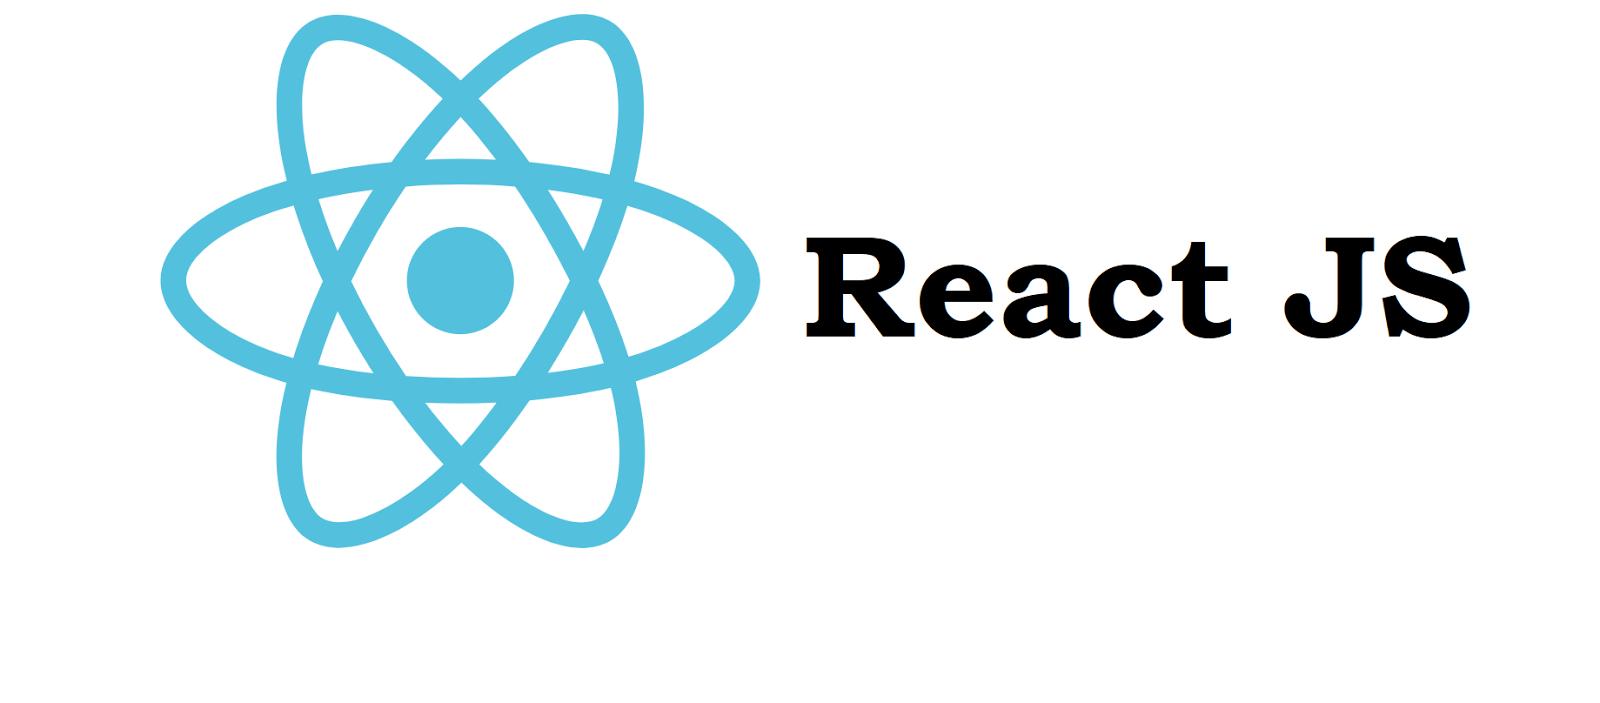 Senior Frontend Developer React. JS